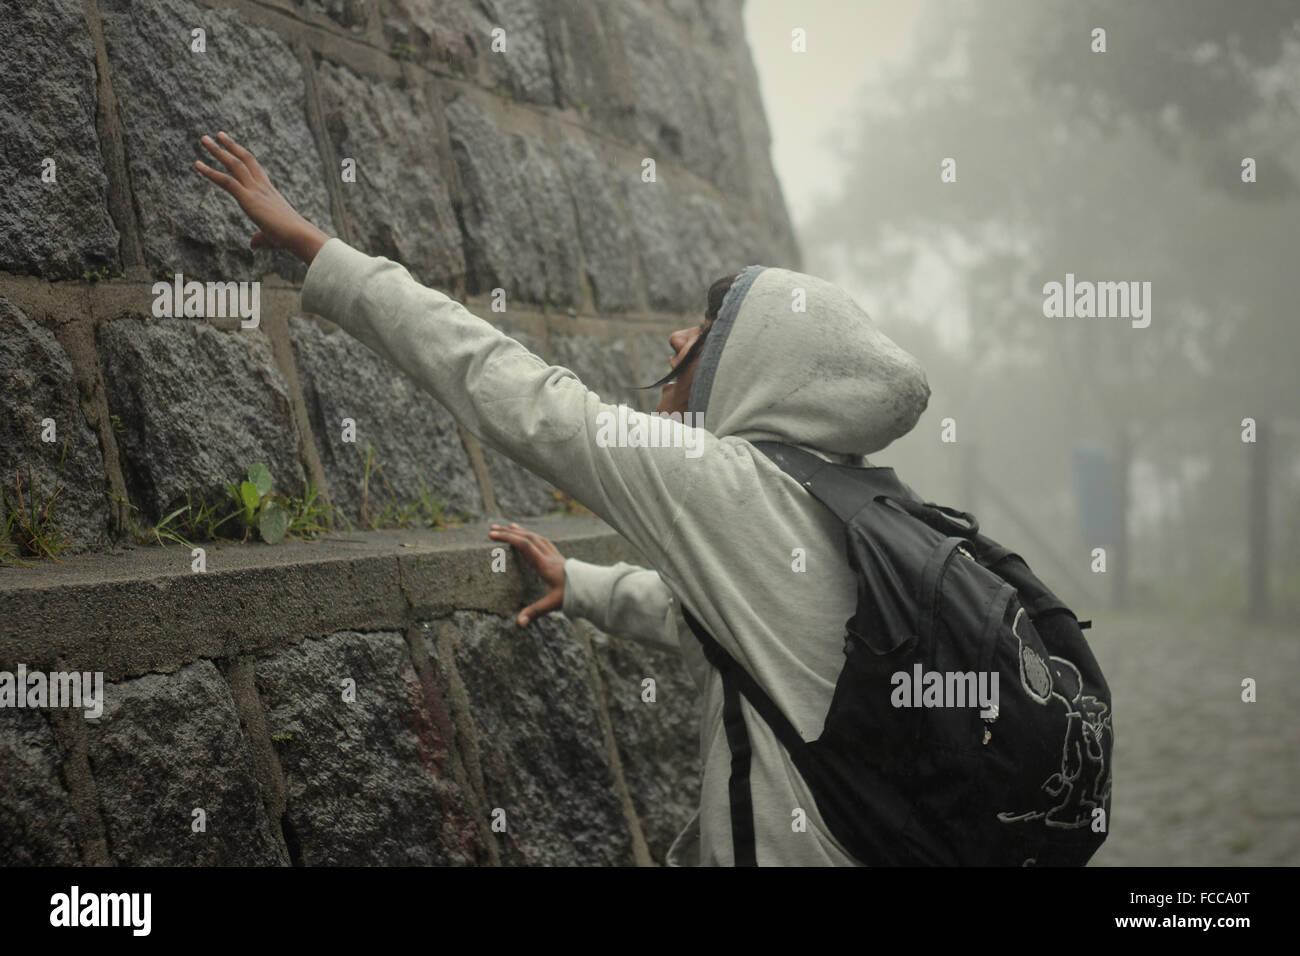 Adolescent touchant mur de pierre Photo Stock